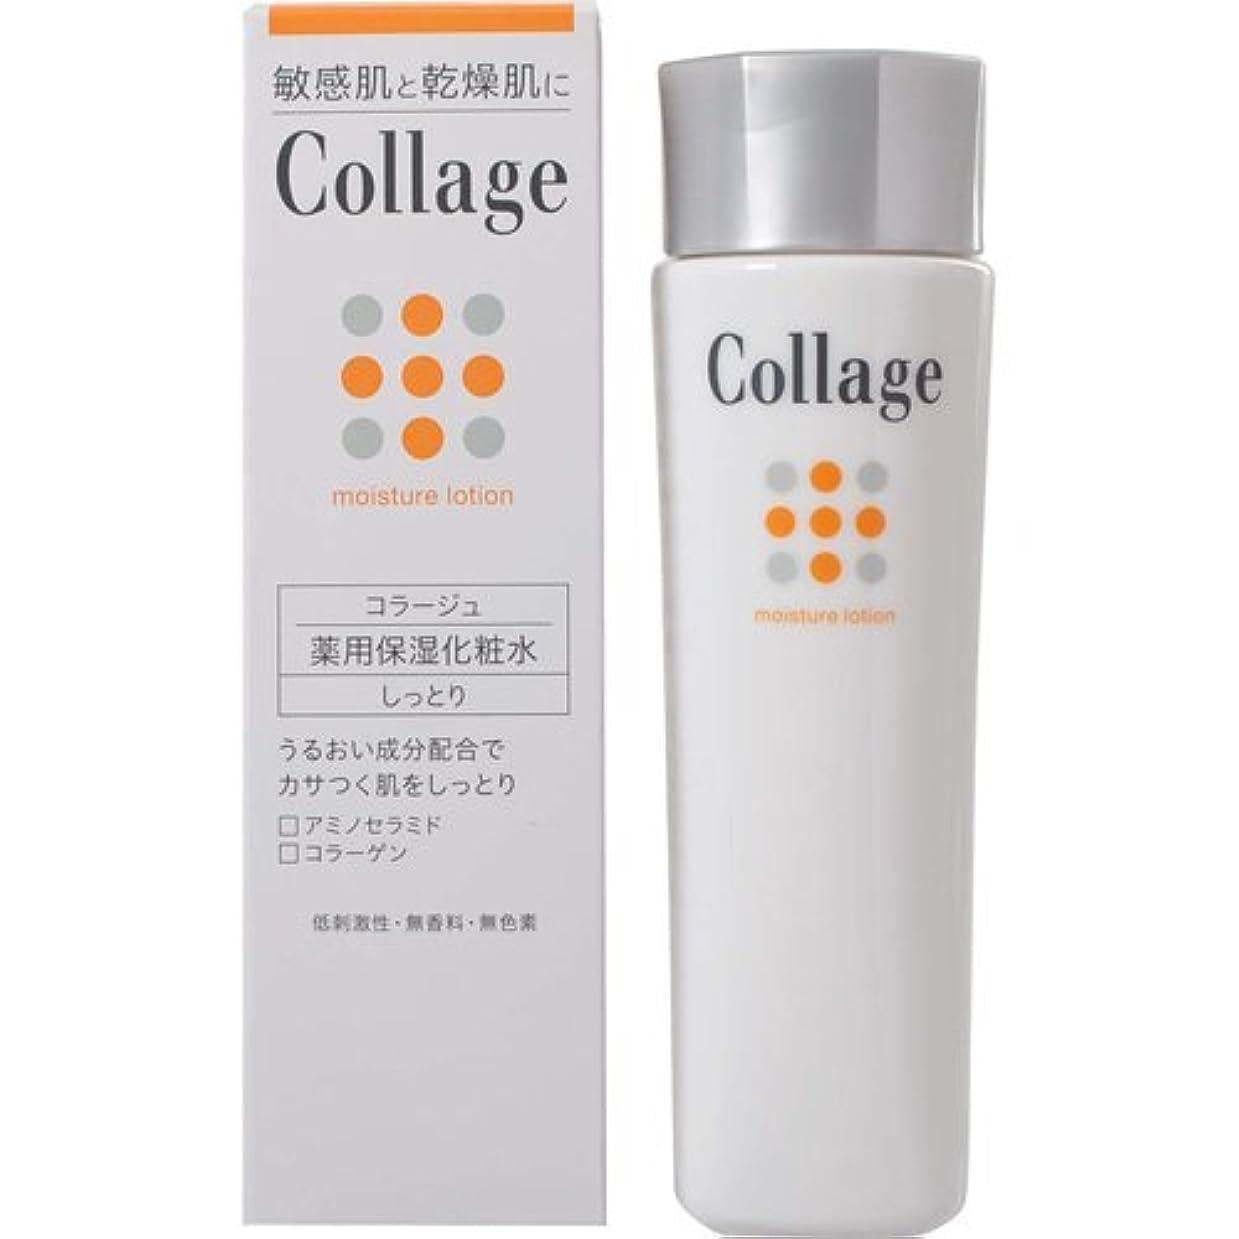 石柱補助金コラージュ 薬用保湿化粧水 しっとり 120mL ×6個